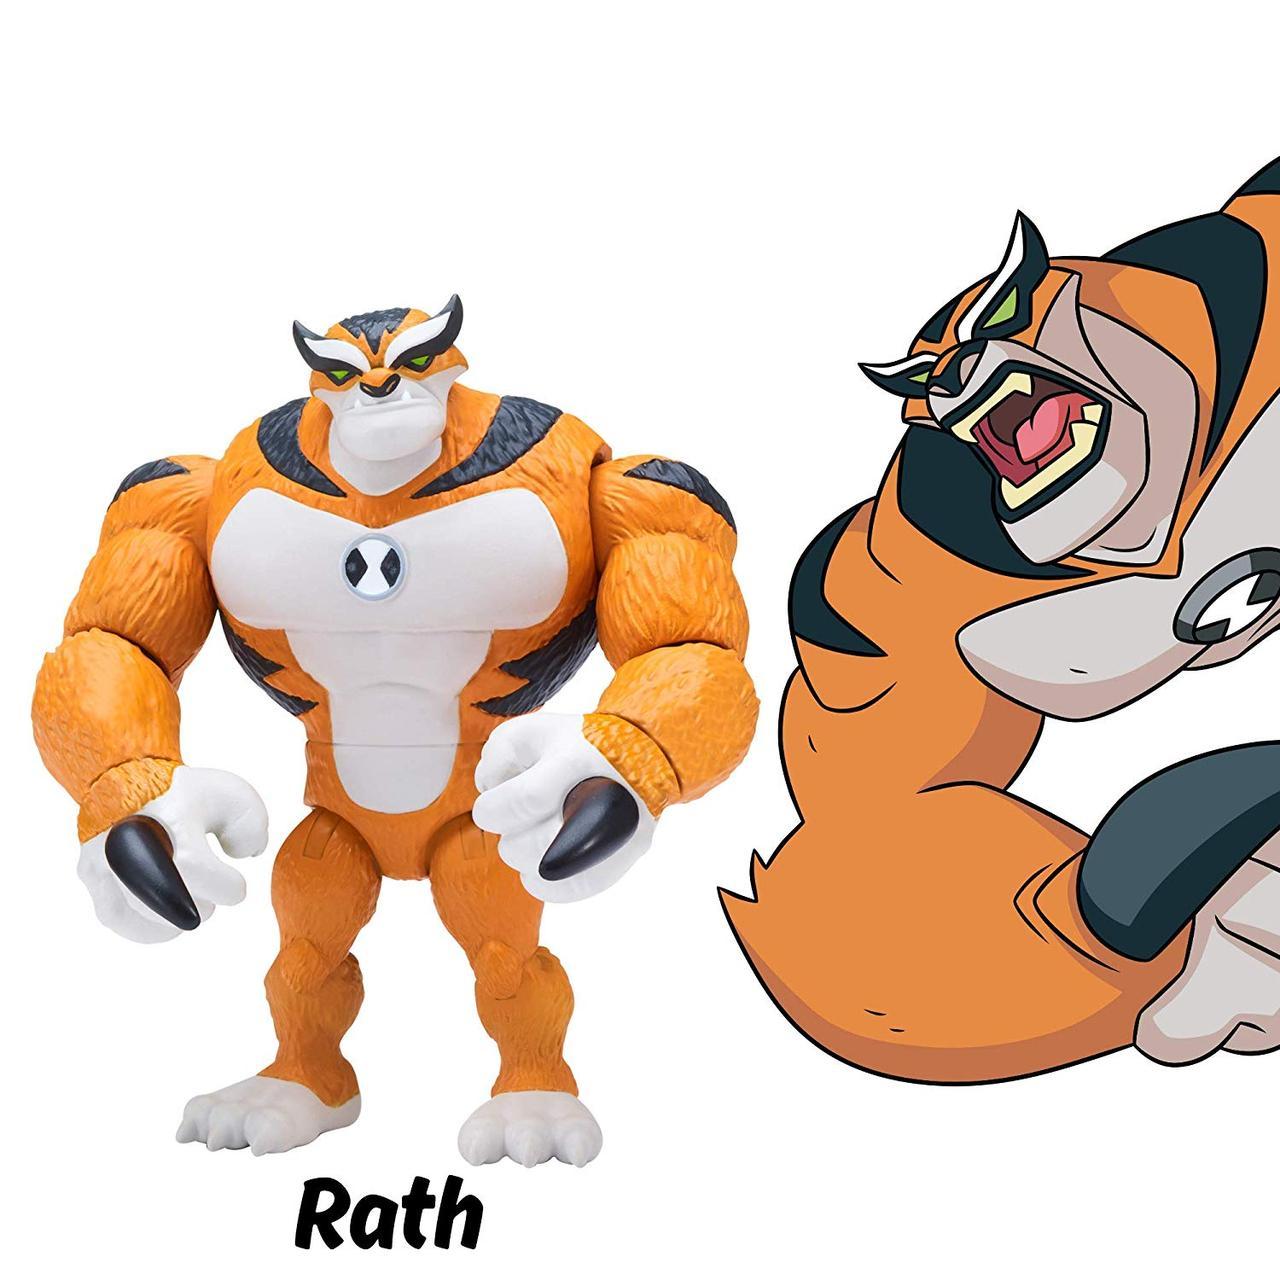 Фигурка Бен 10, шарнирный 13 см, Кошка Рат, Рэт, Рас, Ben 10 Rath Figure, оригинал из США